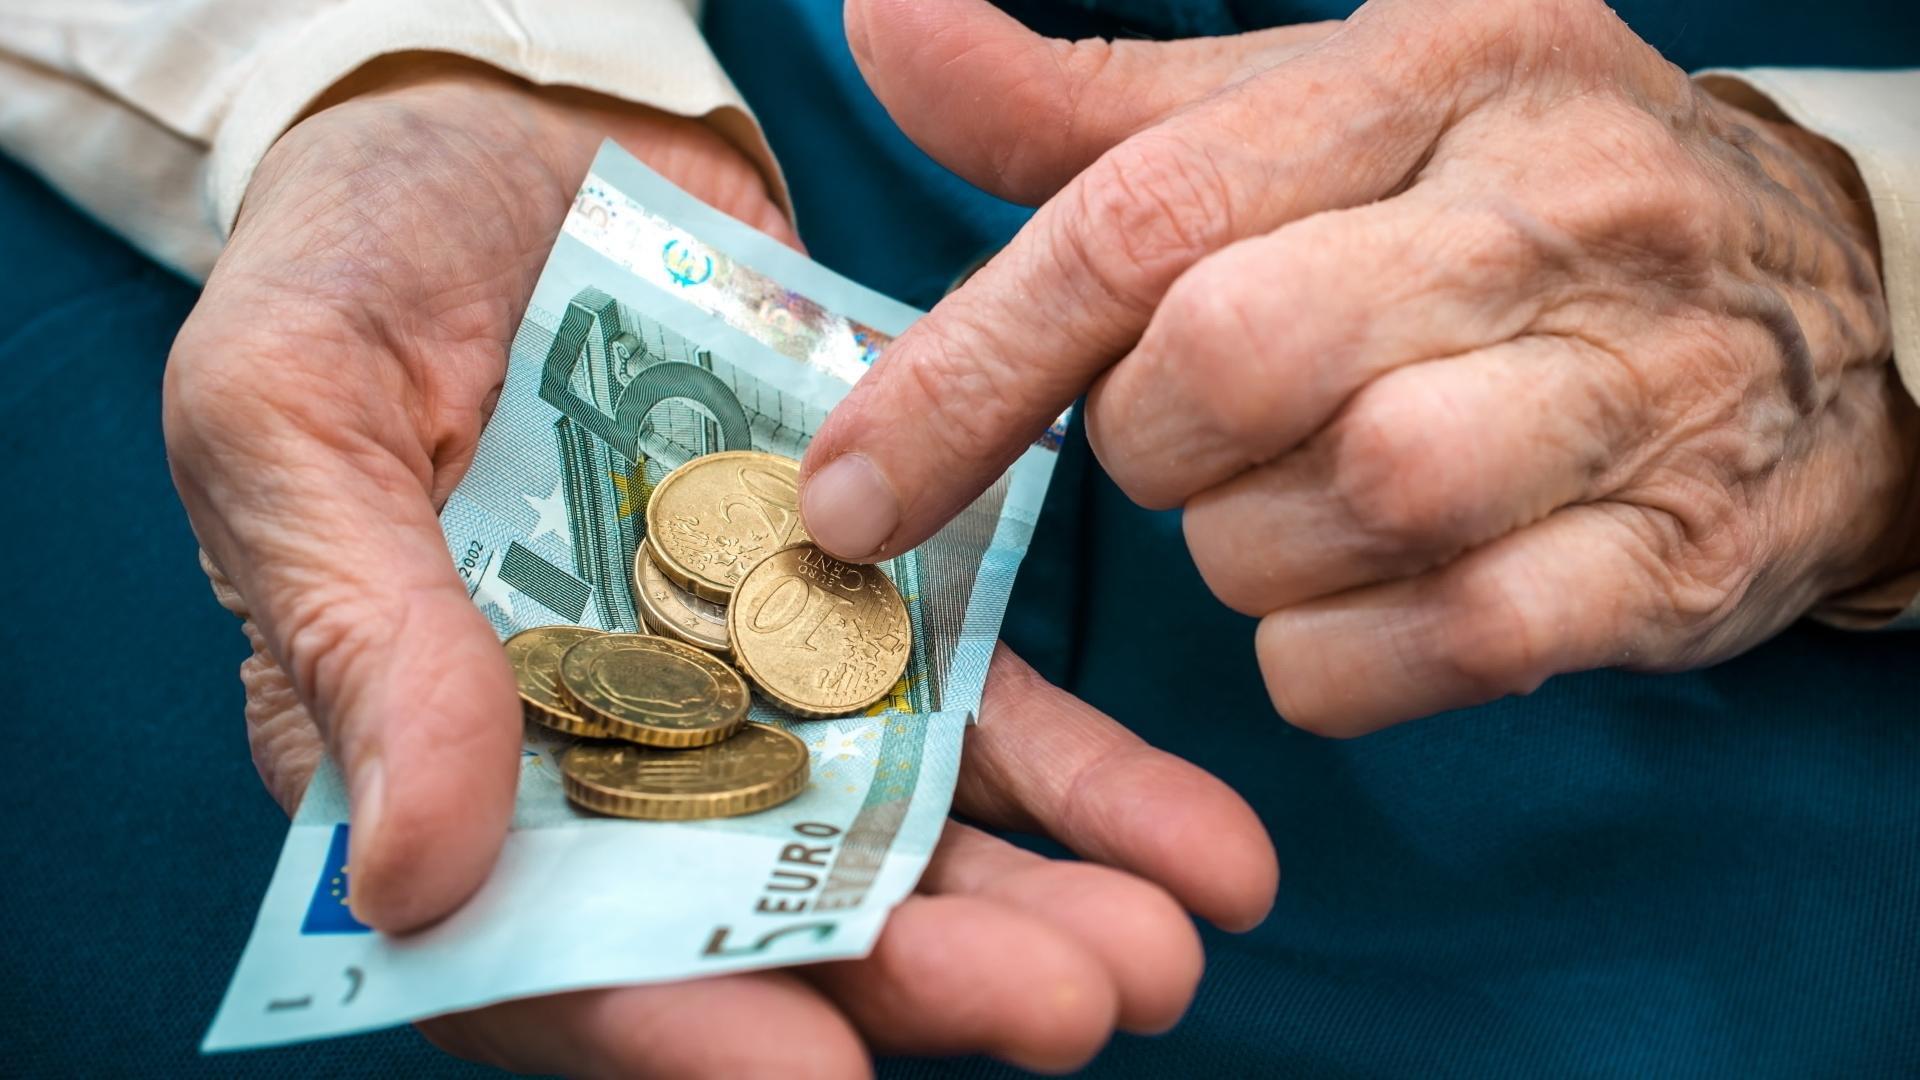 Проблемы с финансами могут говорить о надвигающемся «Альцгеймере»